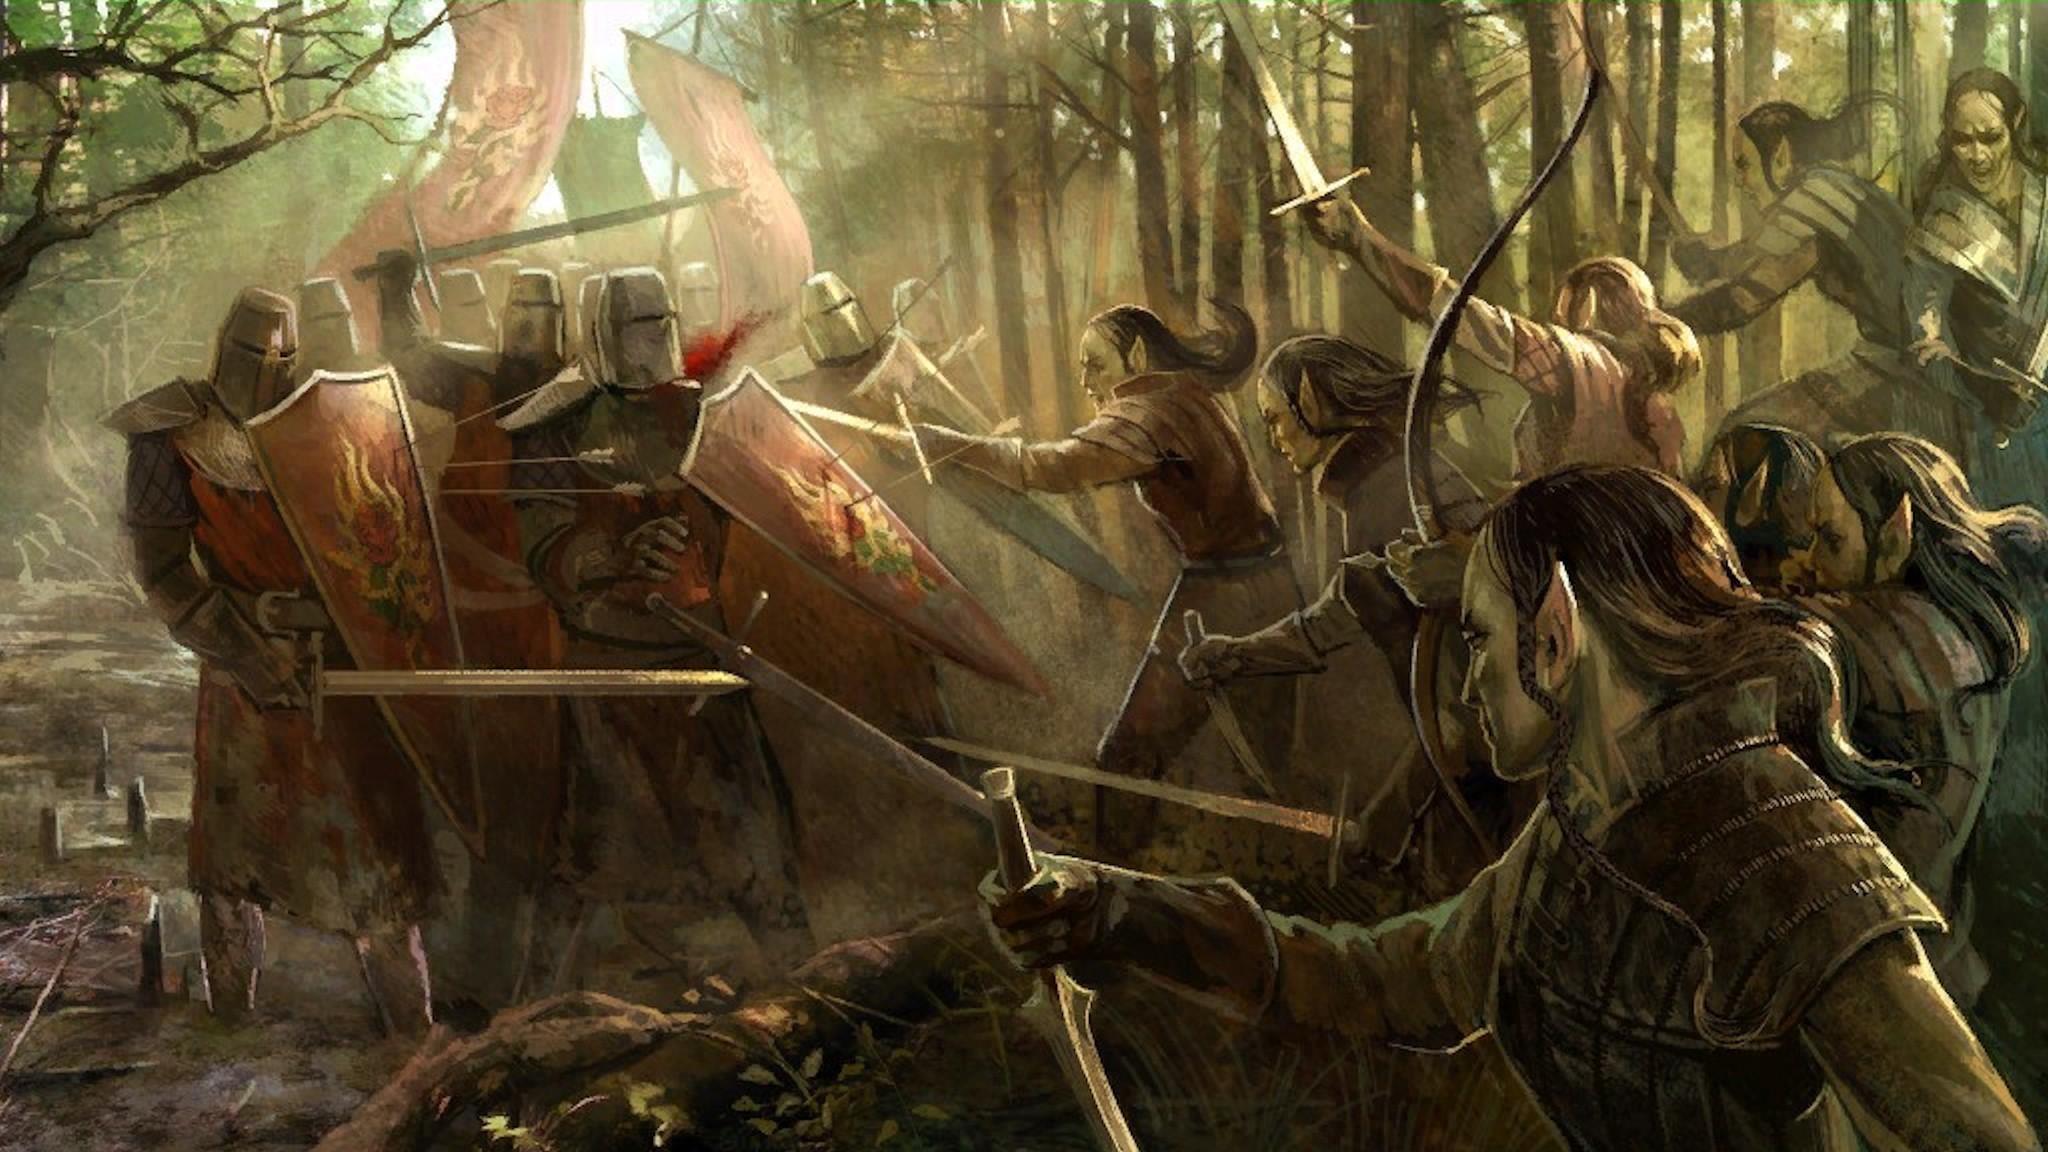 RPG Wallpapers